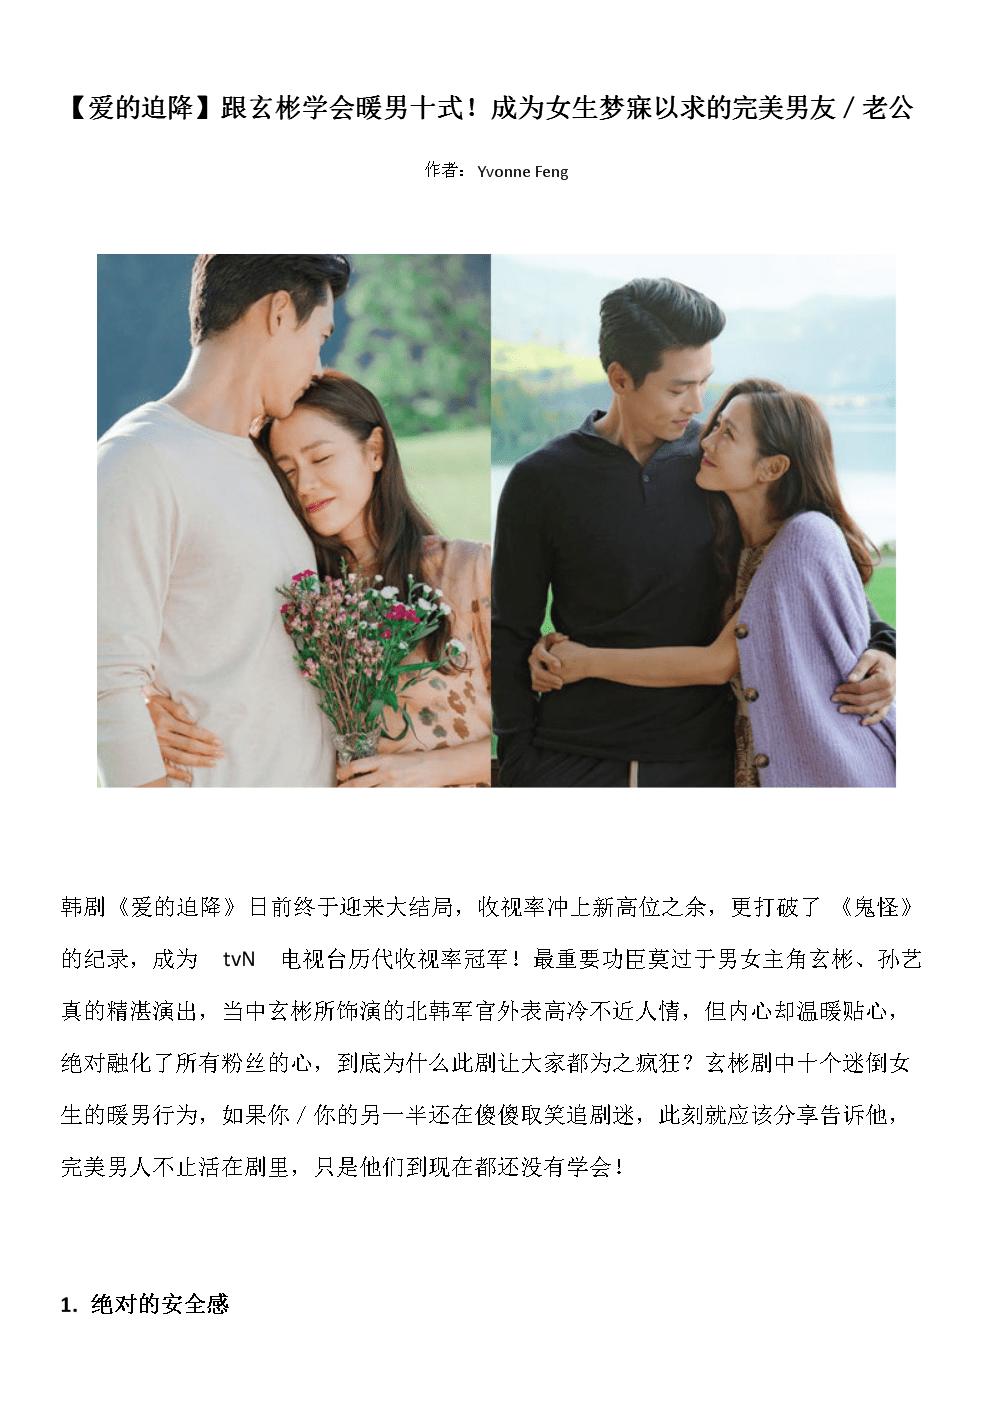 【爱的迫降】跟玄彬学会暖男十式!成为女生梦寐以求的完美男友/老公.docx